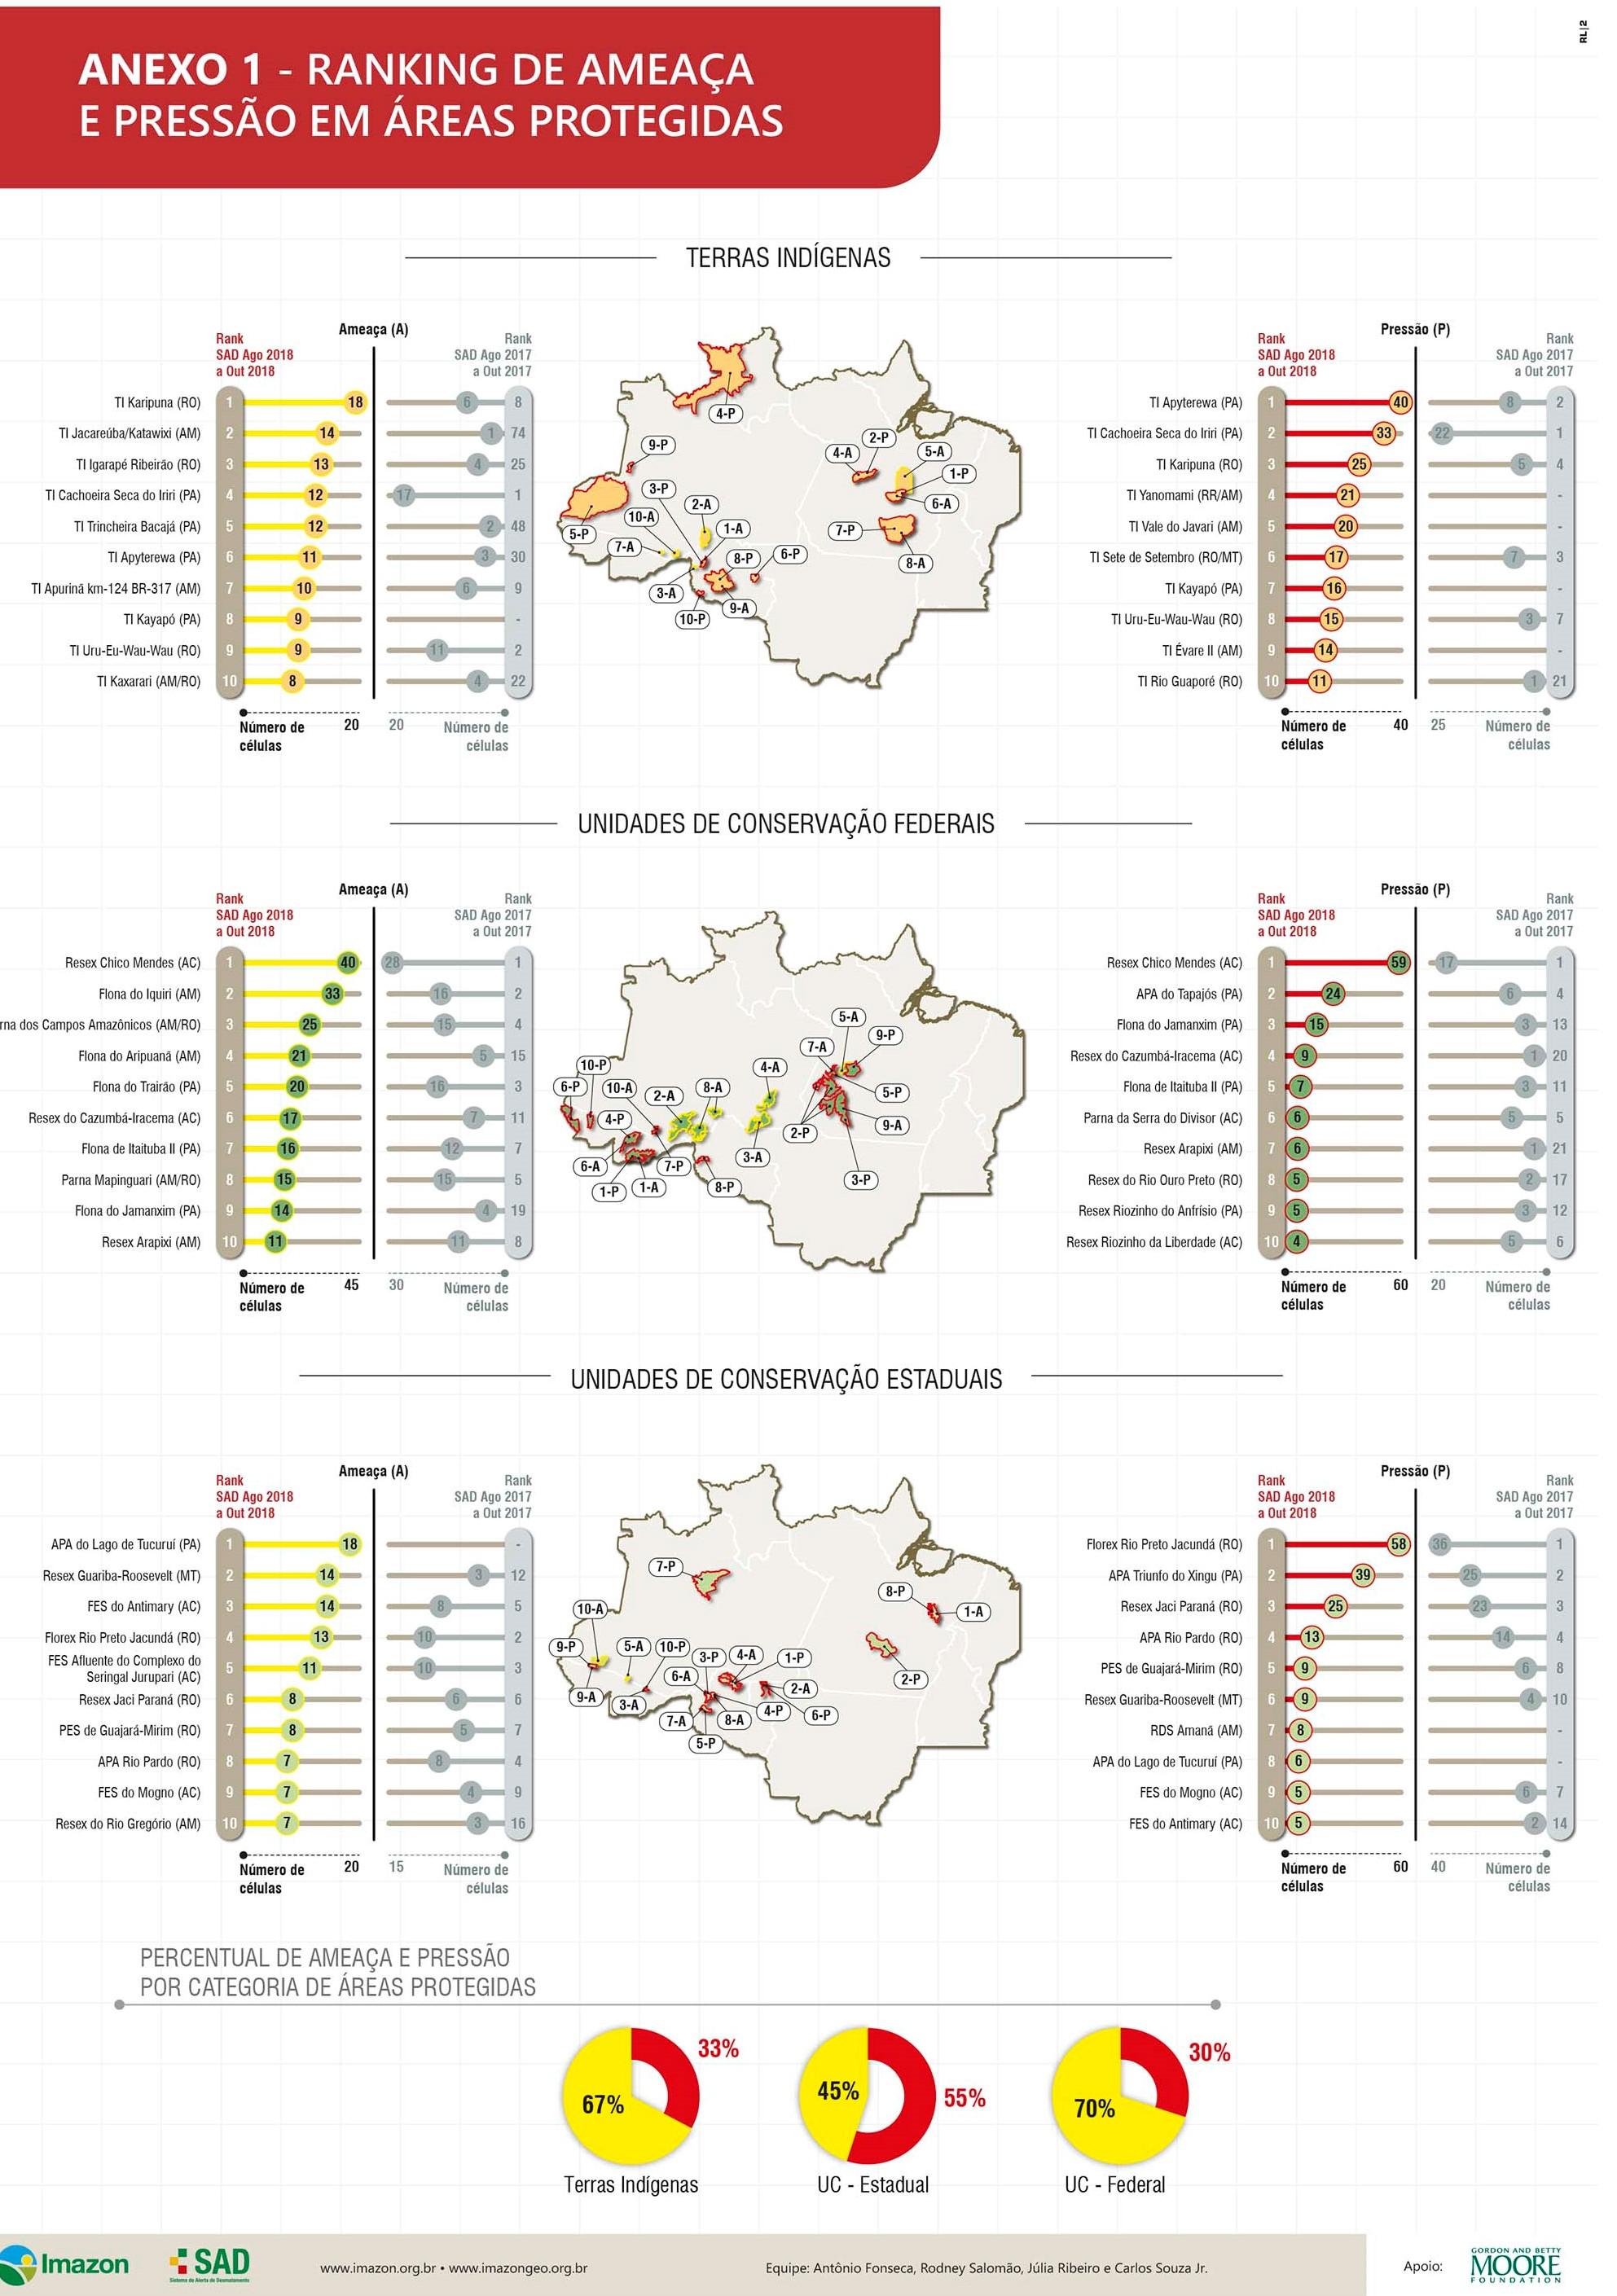 ameaçaepressão ago out 2018 1 1 - Ameaça e Pressão de desmatamento em Áreas Protegidas: SAD agosto a outubro de 2018